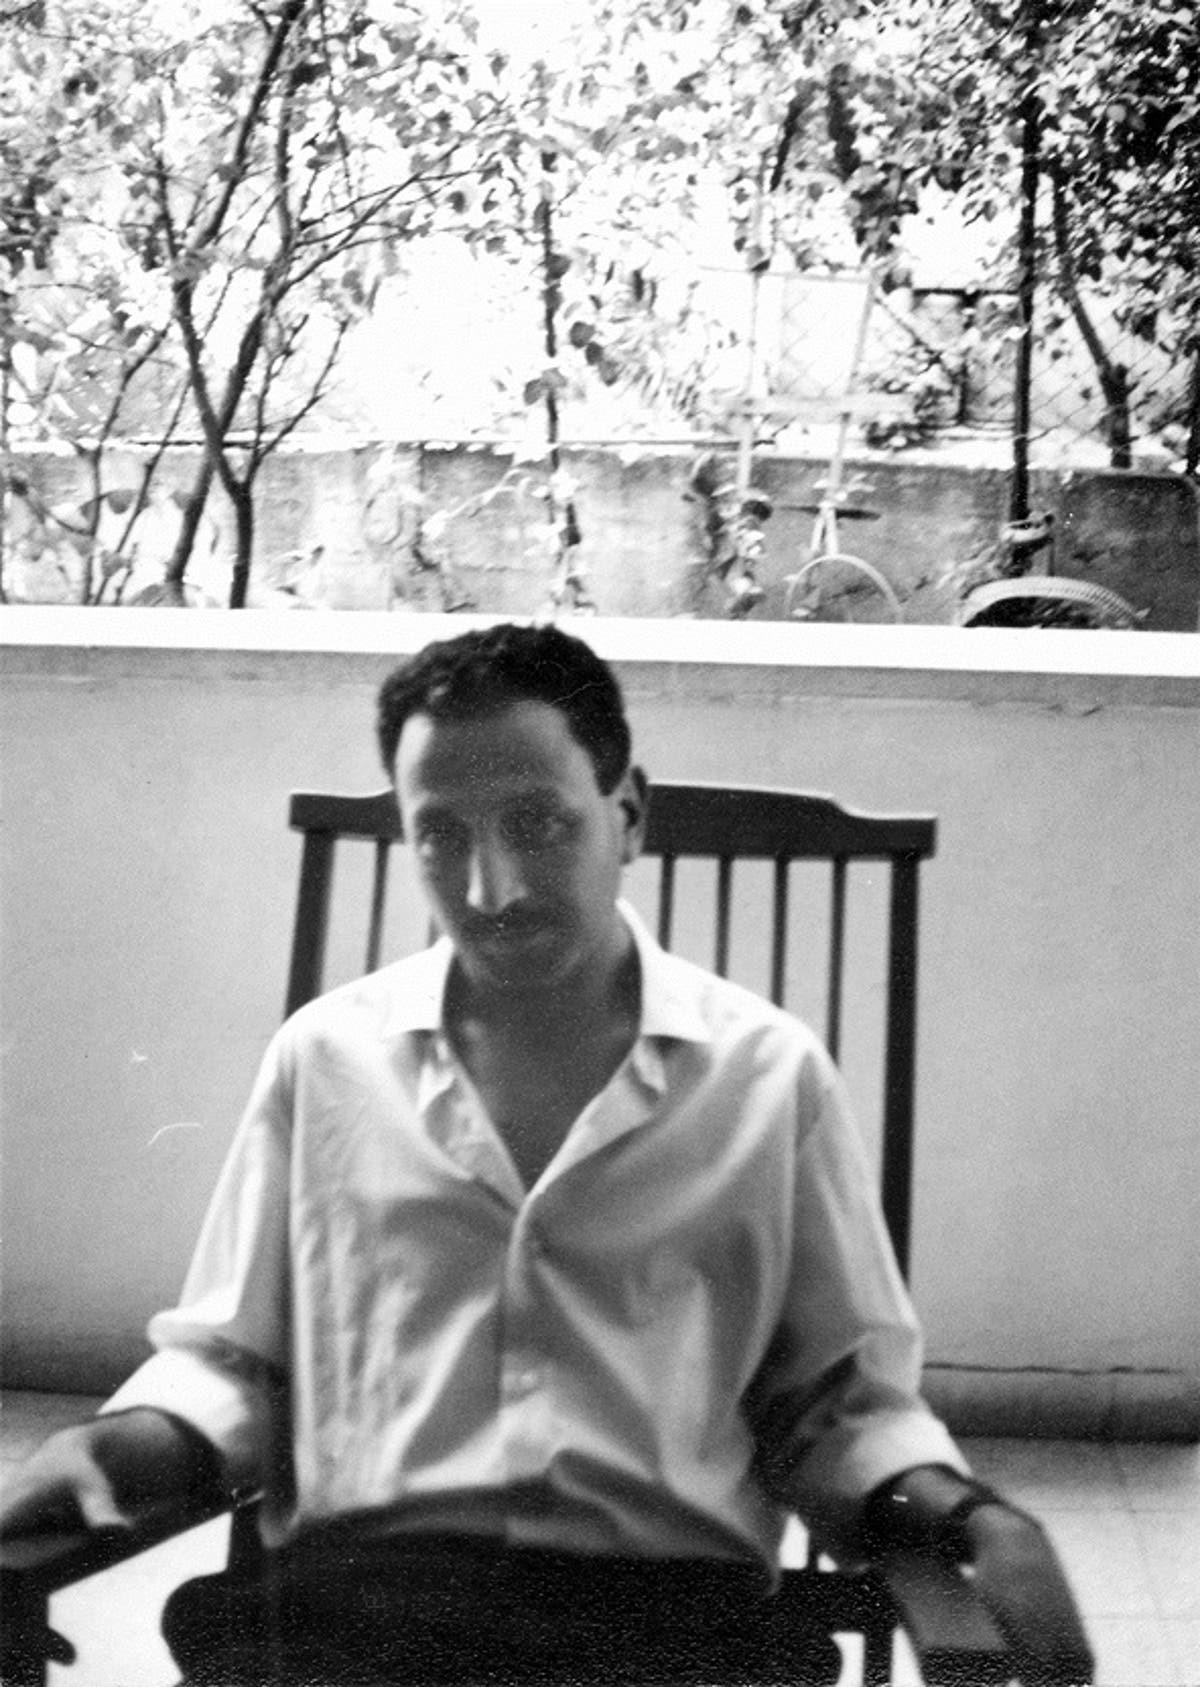 שיריו כולם היו מחאה: נפטר המשורר והסופר אהרון אלמוג